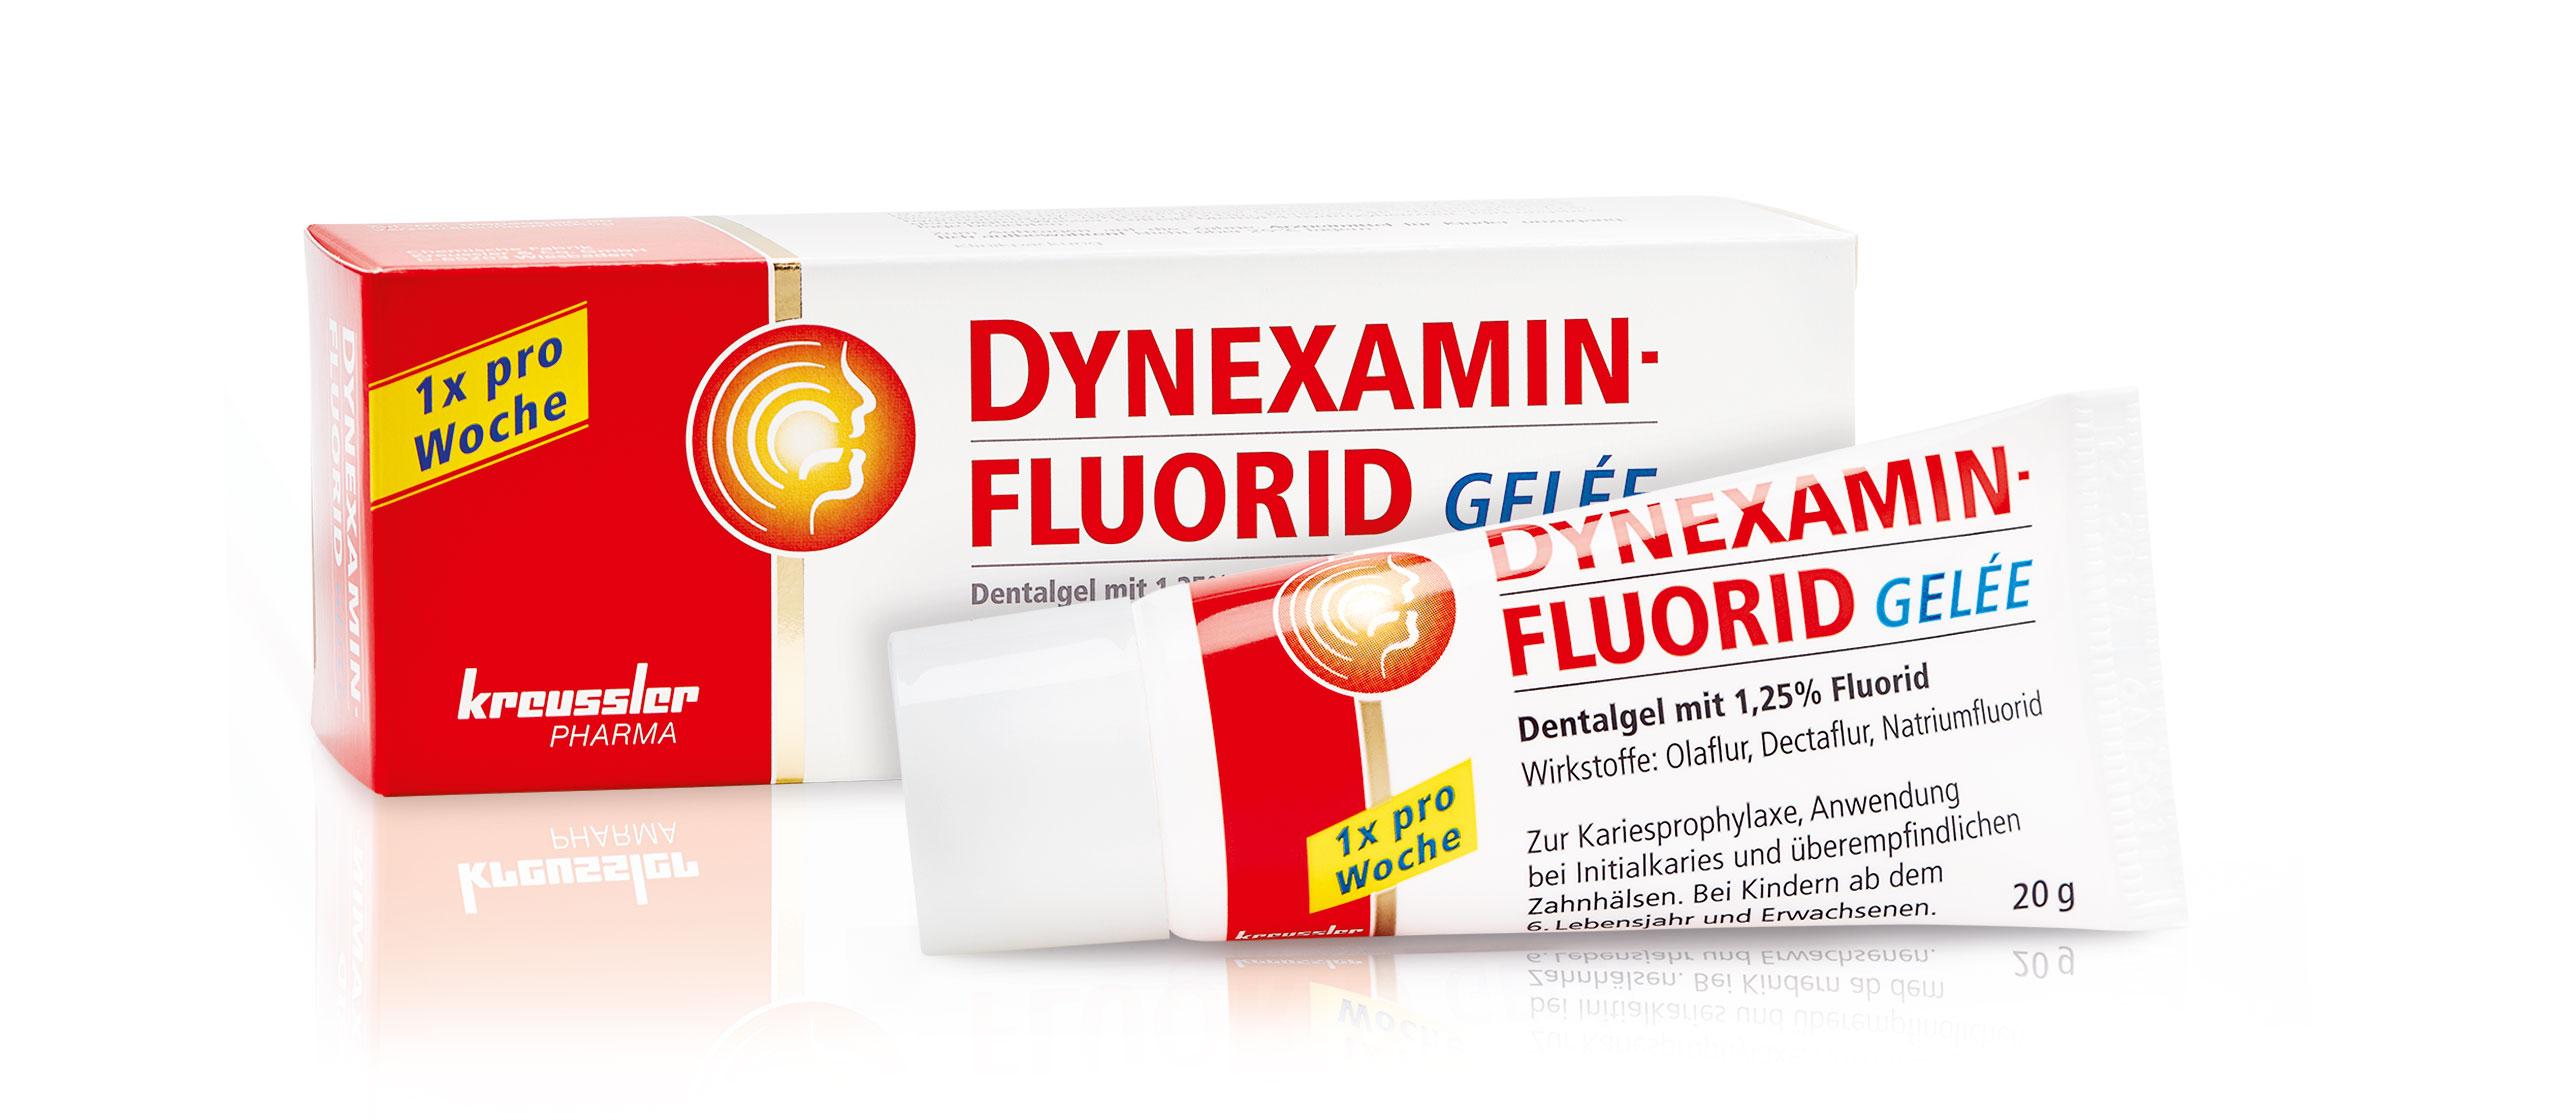 Fluoridierung mit DYNEXAMINFLUORID GELEE